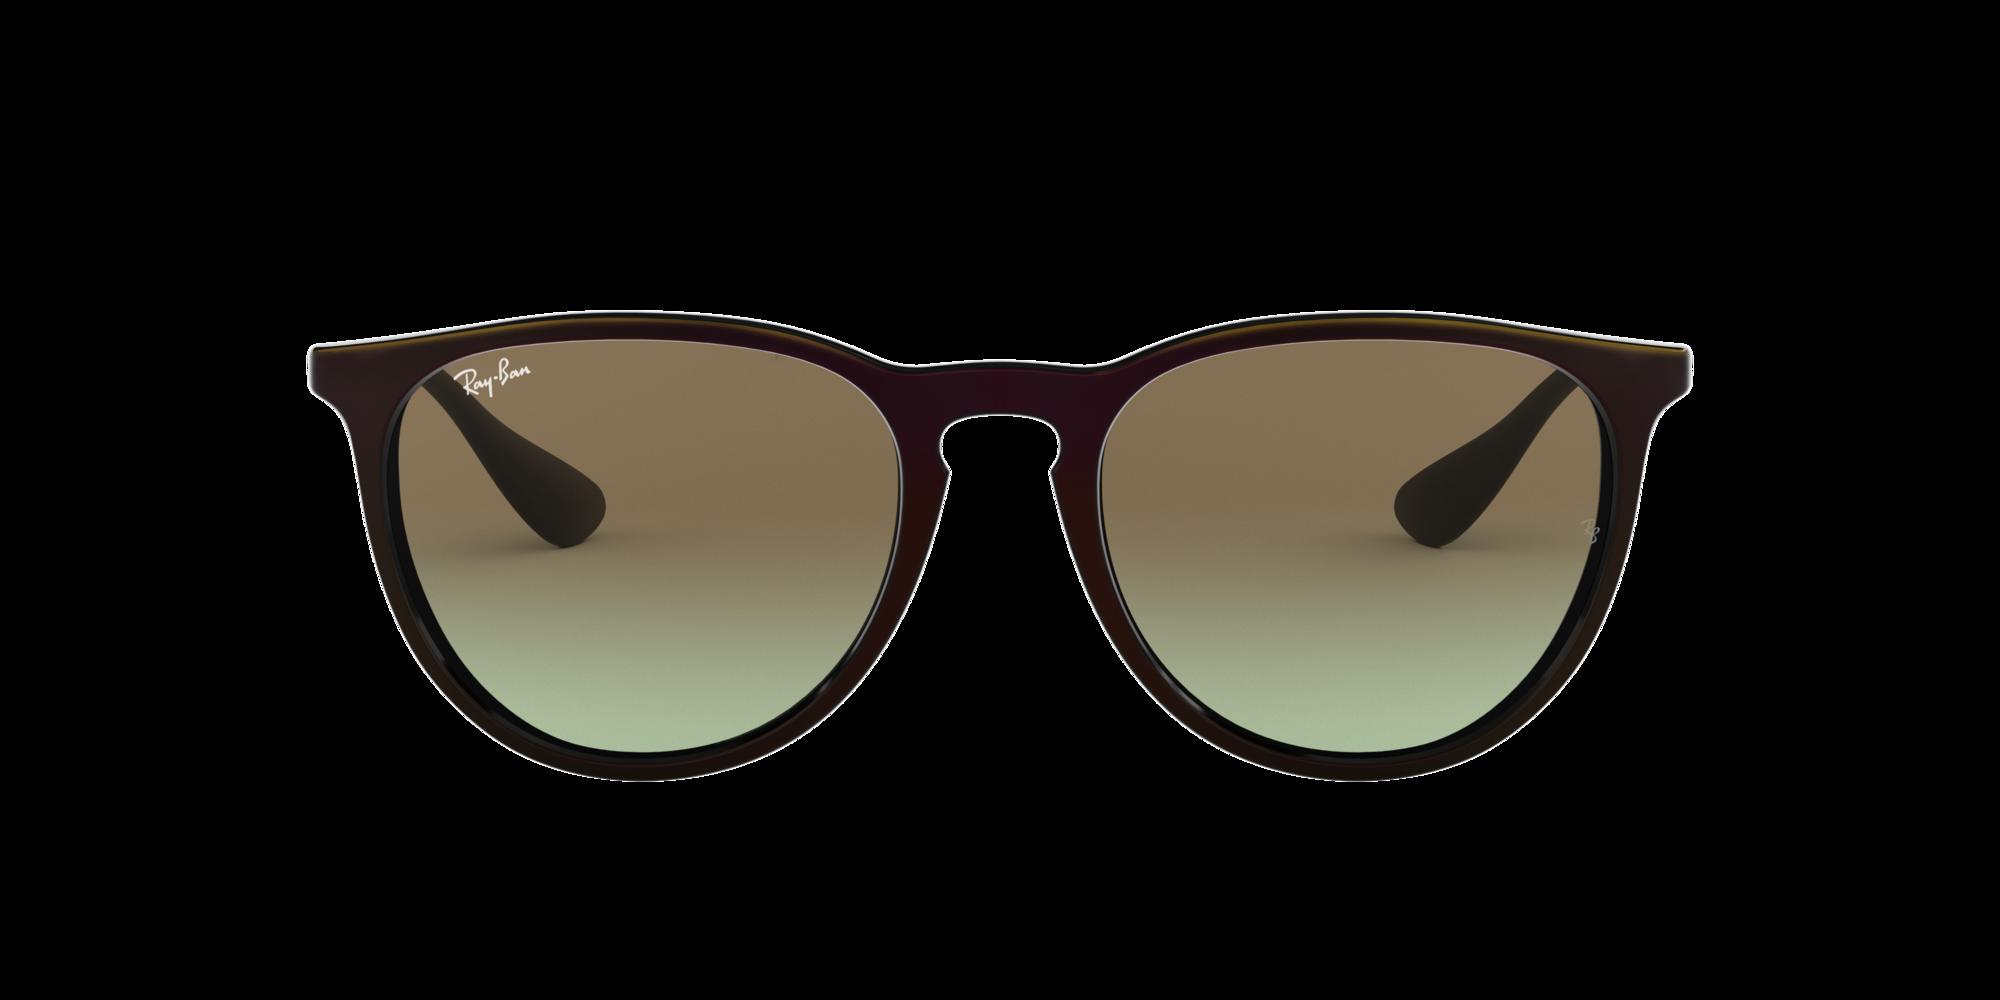 Imagen para RB4171 54 ERIKA de LensCrafters    Espejuelos, espejuelos graduados en línea, gafas